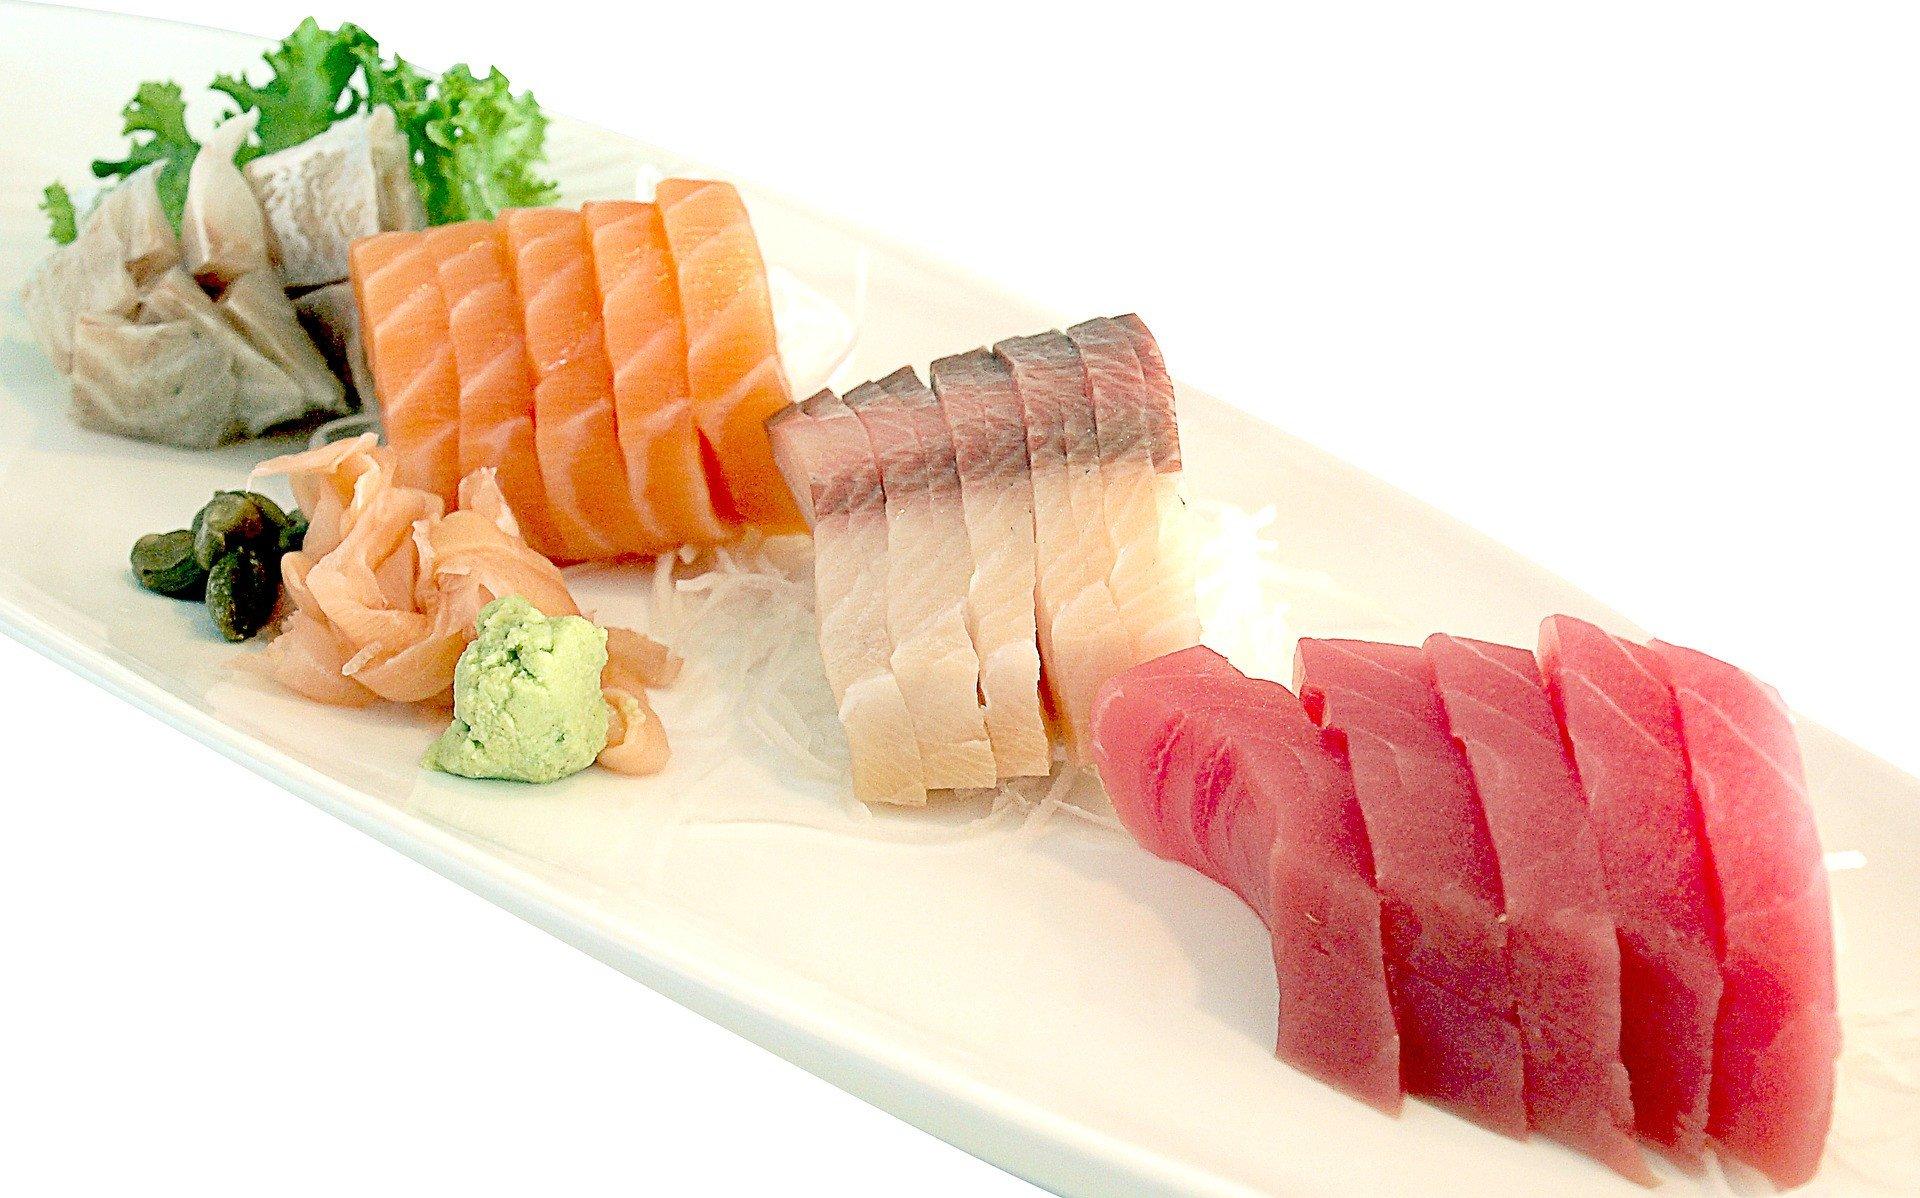 6 Makanan yang Ramah Bagi Penderita Diabetes - JPNN.com